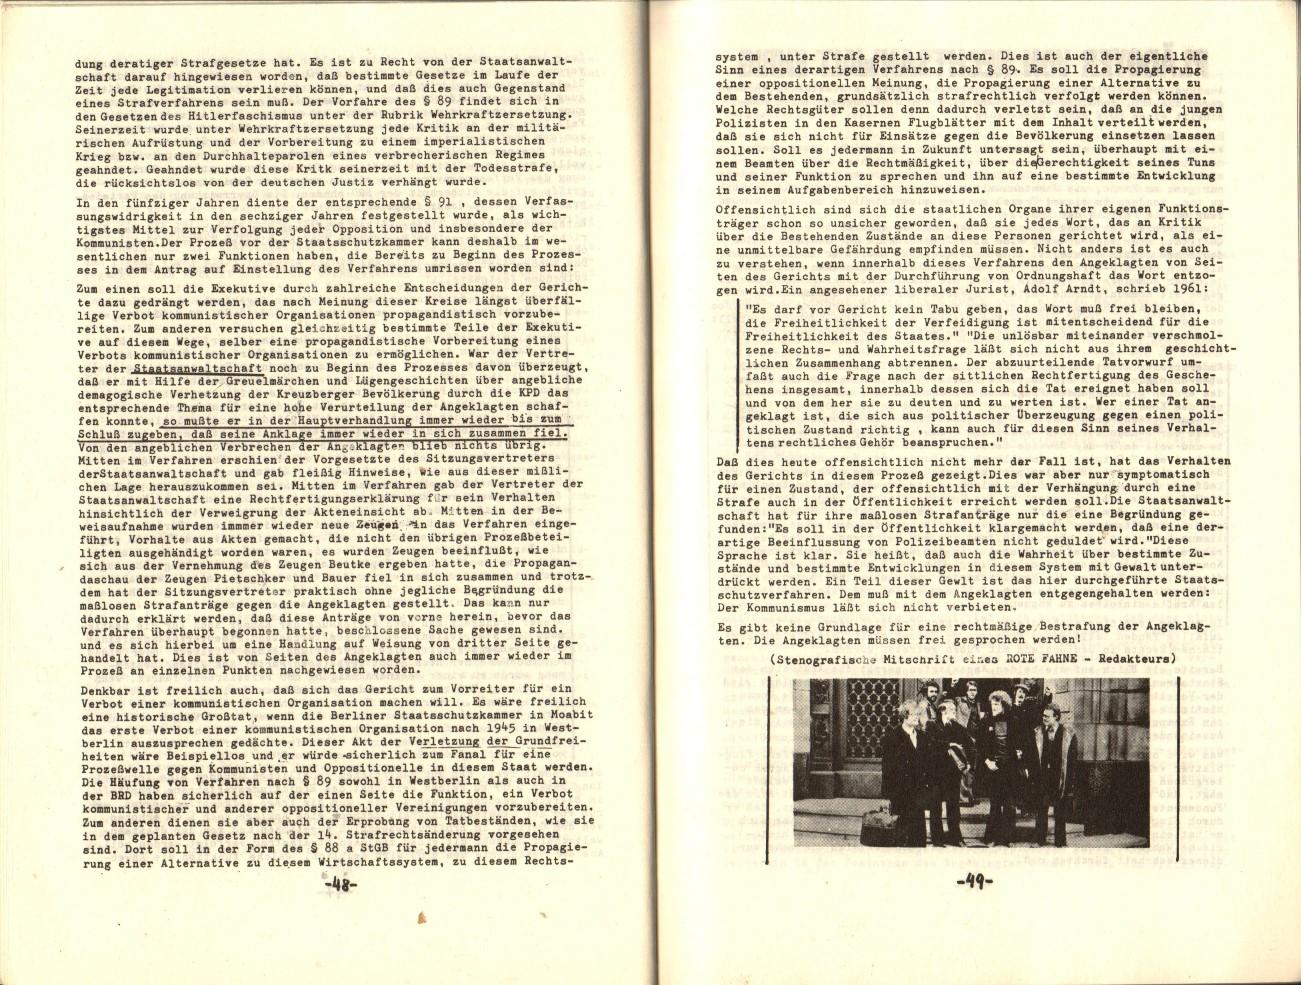 Berlin_KPD_1976_Staatsschutzprozess02_26